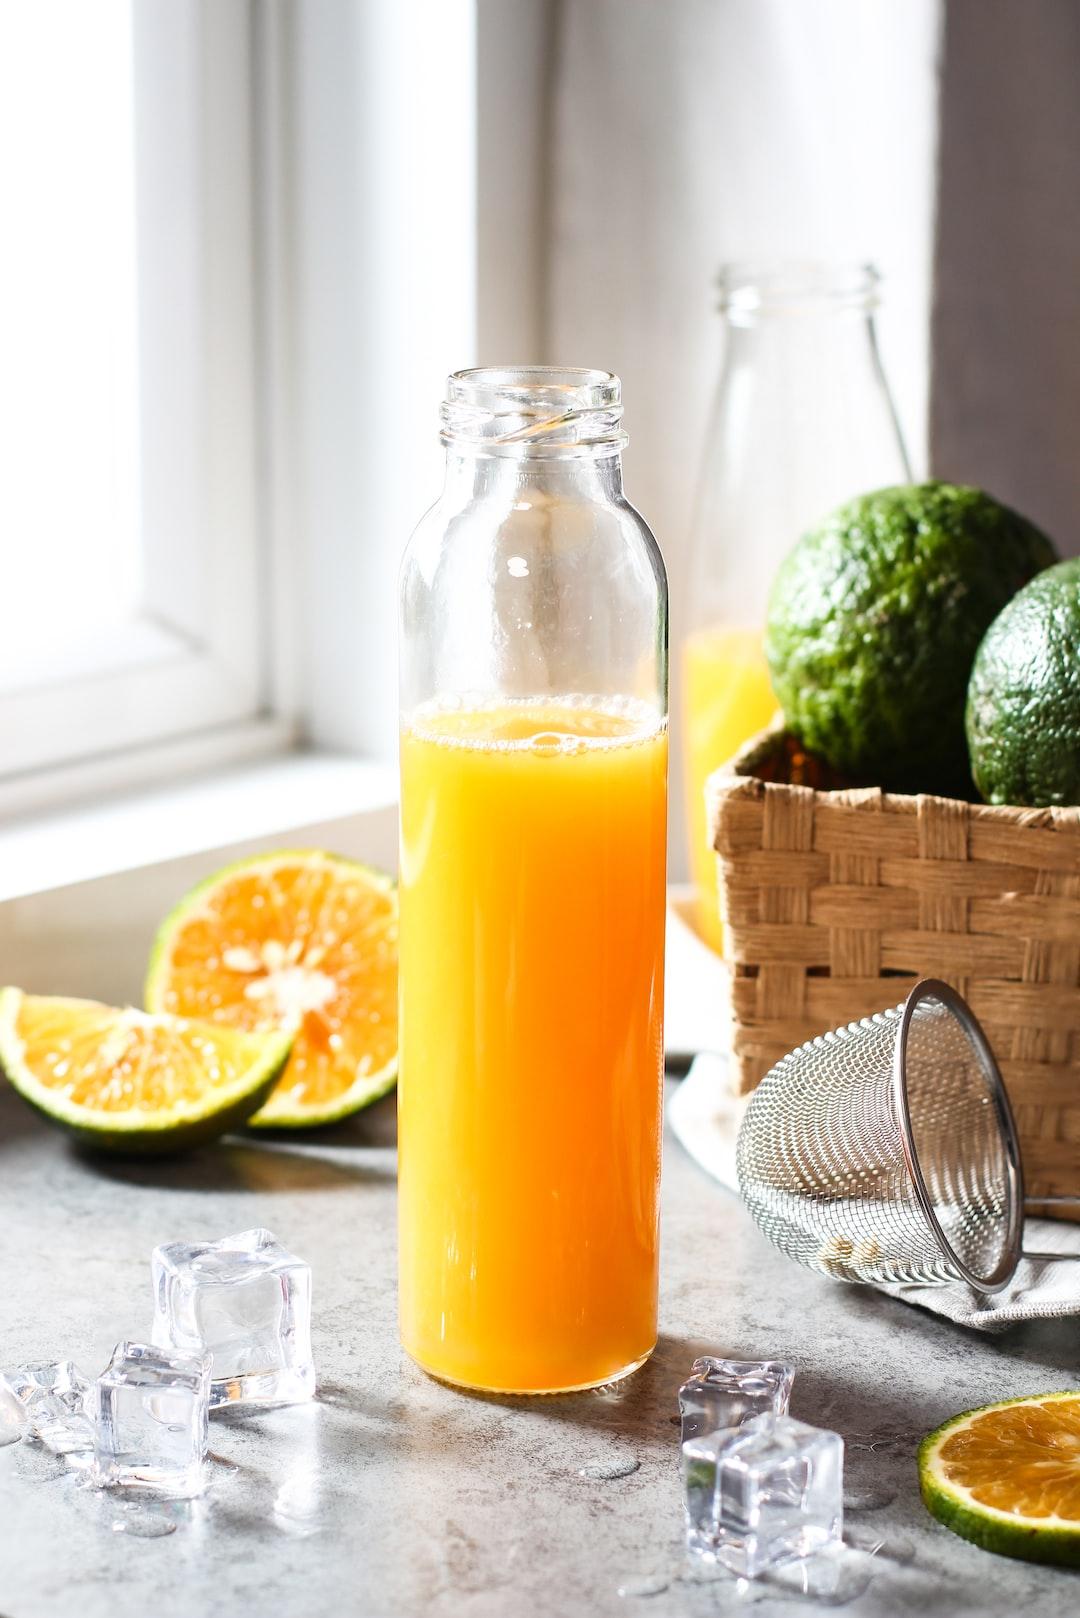 ORANGE Tarocco (Blood Orange)